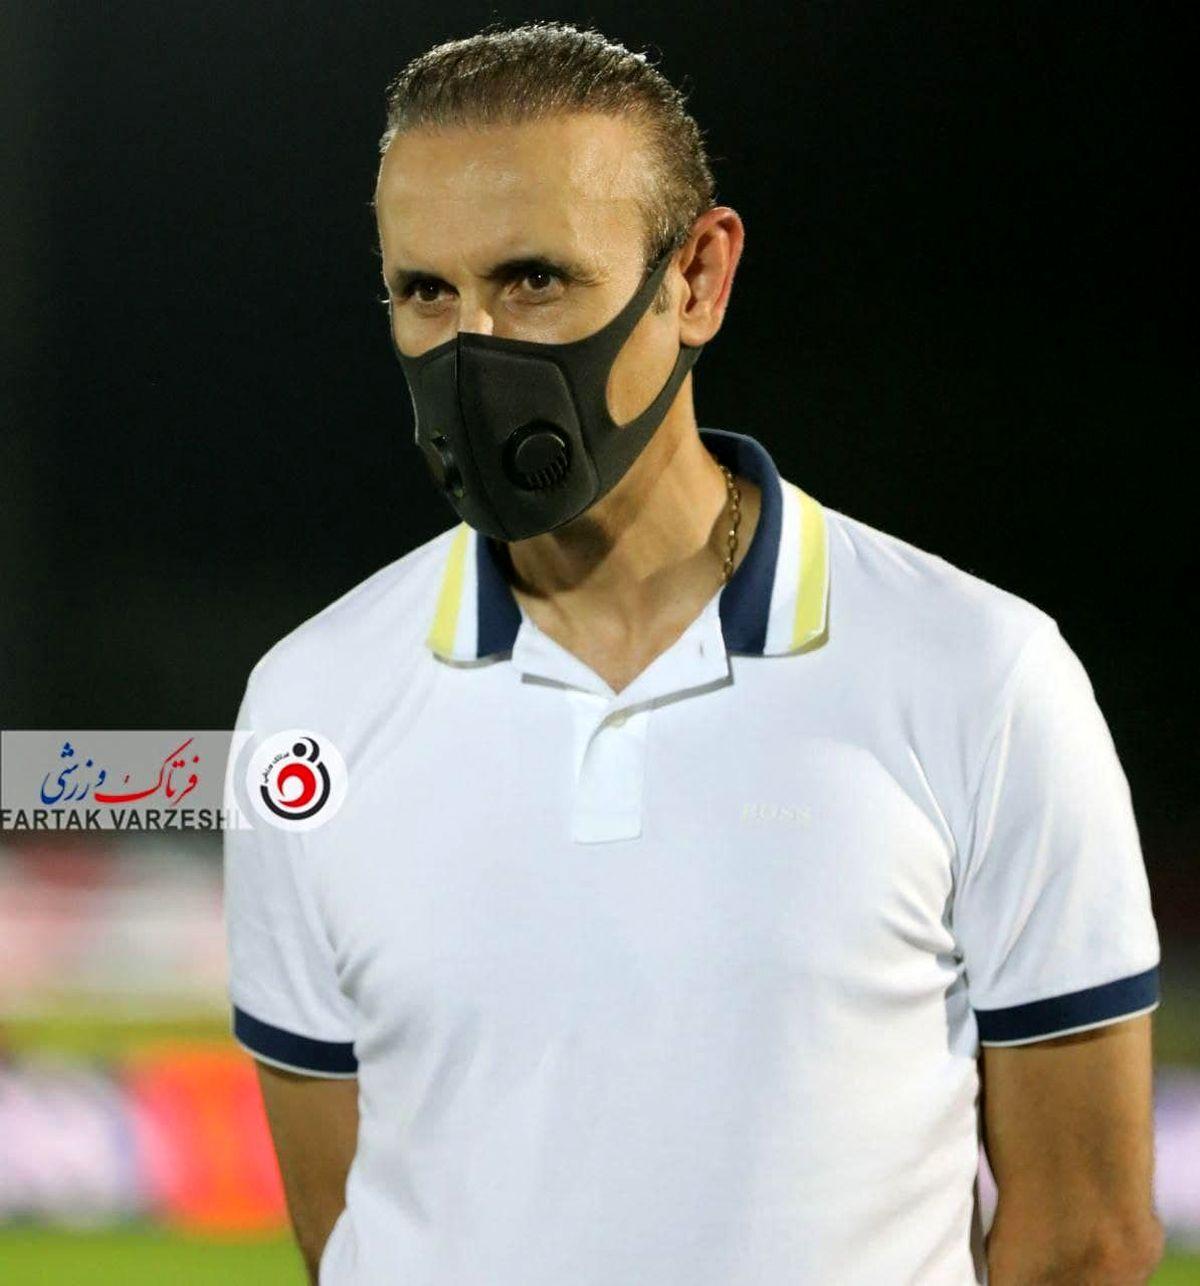 گل محمدی به باشگاه پرسپولیس لیست نداده است